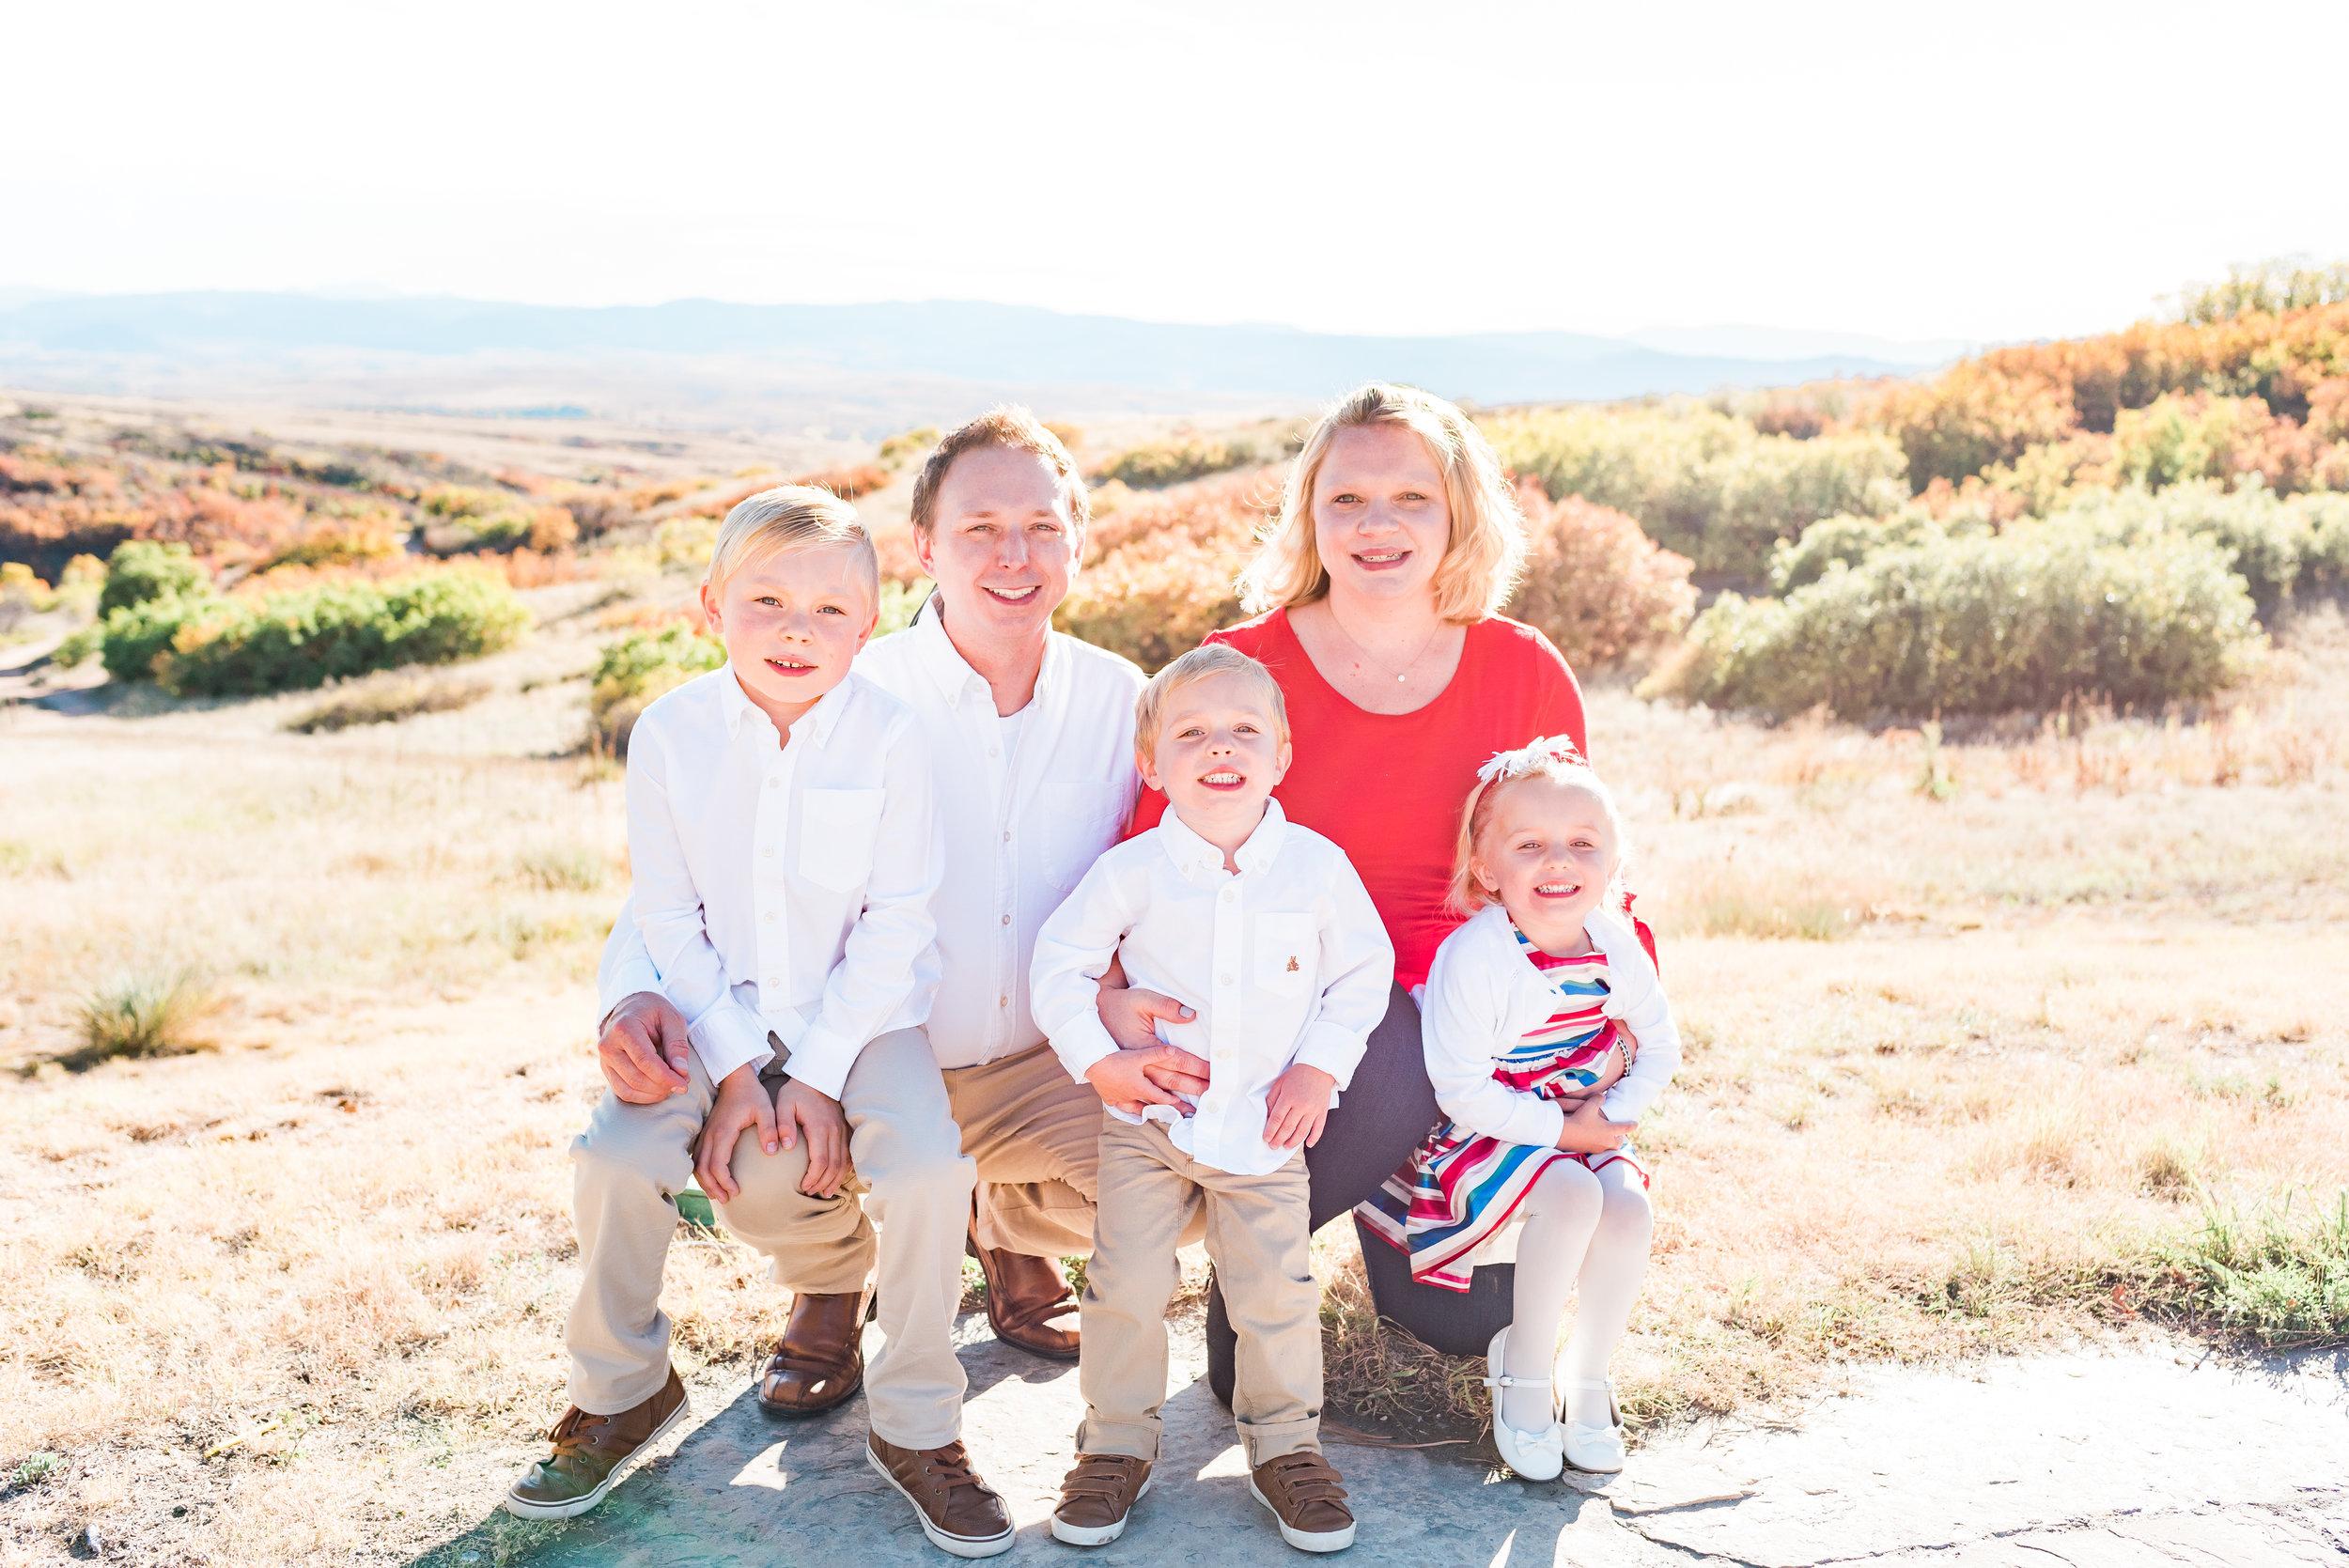 FamilyPhotos-5.jpg